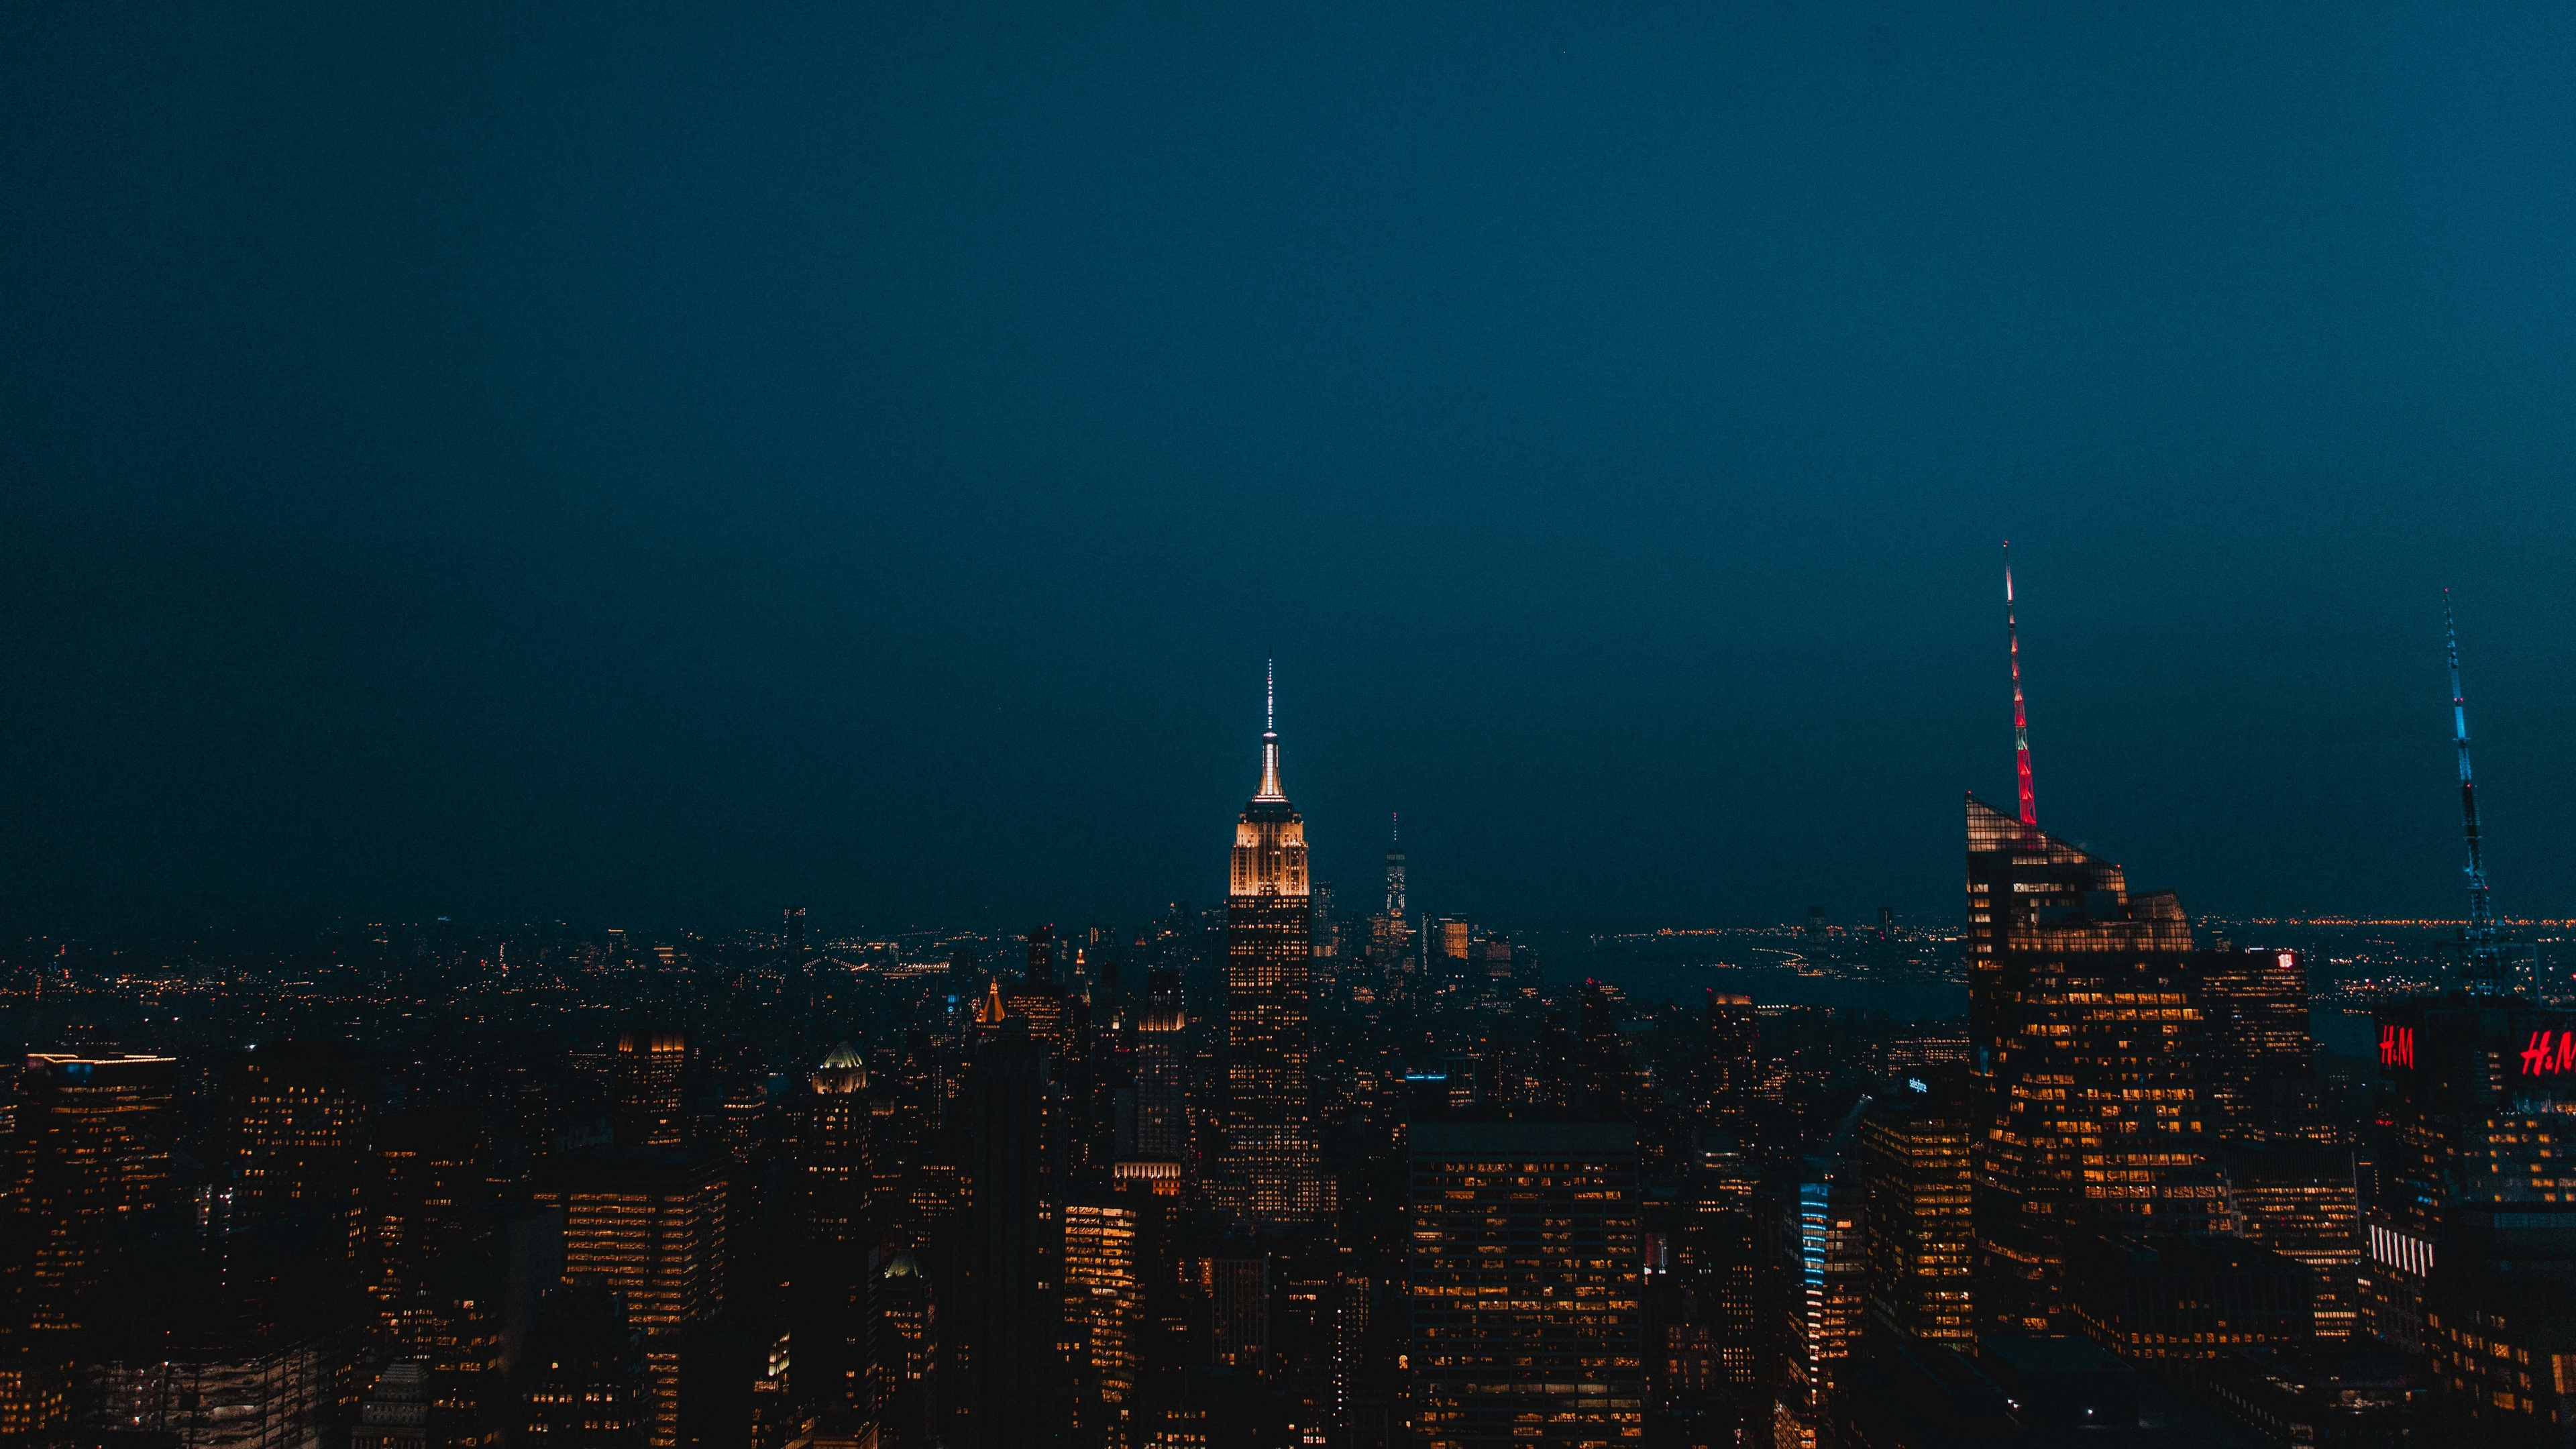 night city skyscrapers city lights new york united states 4k 1538068177 - night city, skyscrapers, city lights, new york, united states 4k - Skyscrapers, night city, city lights